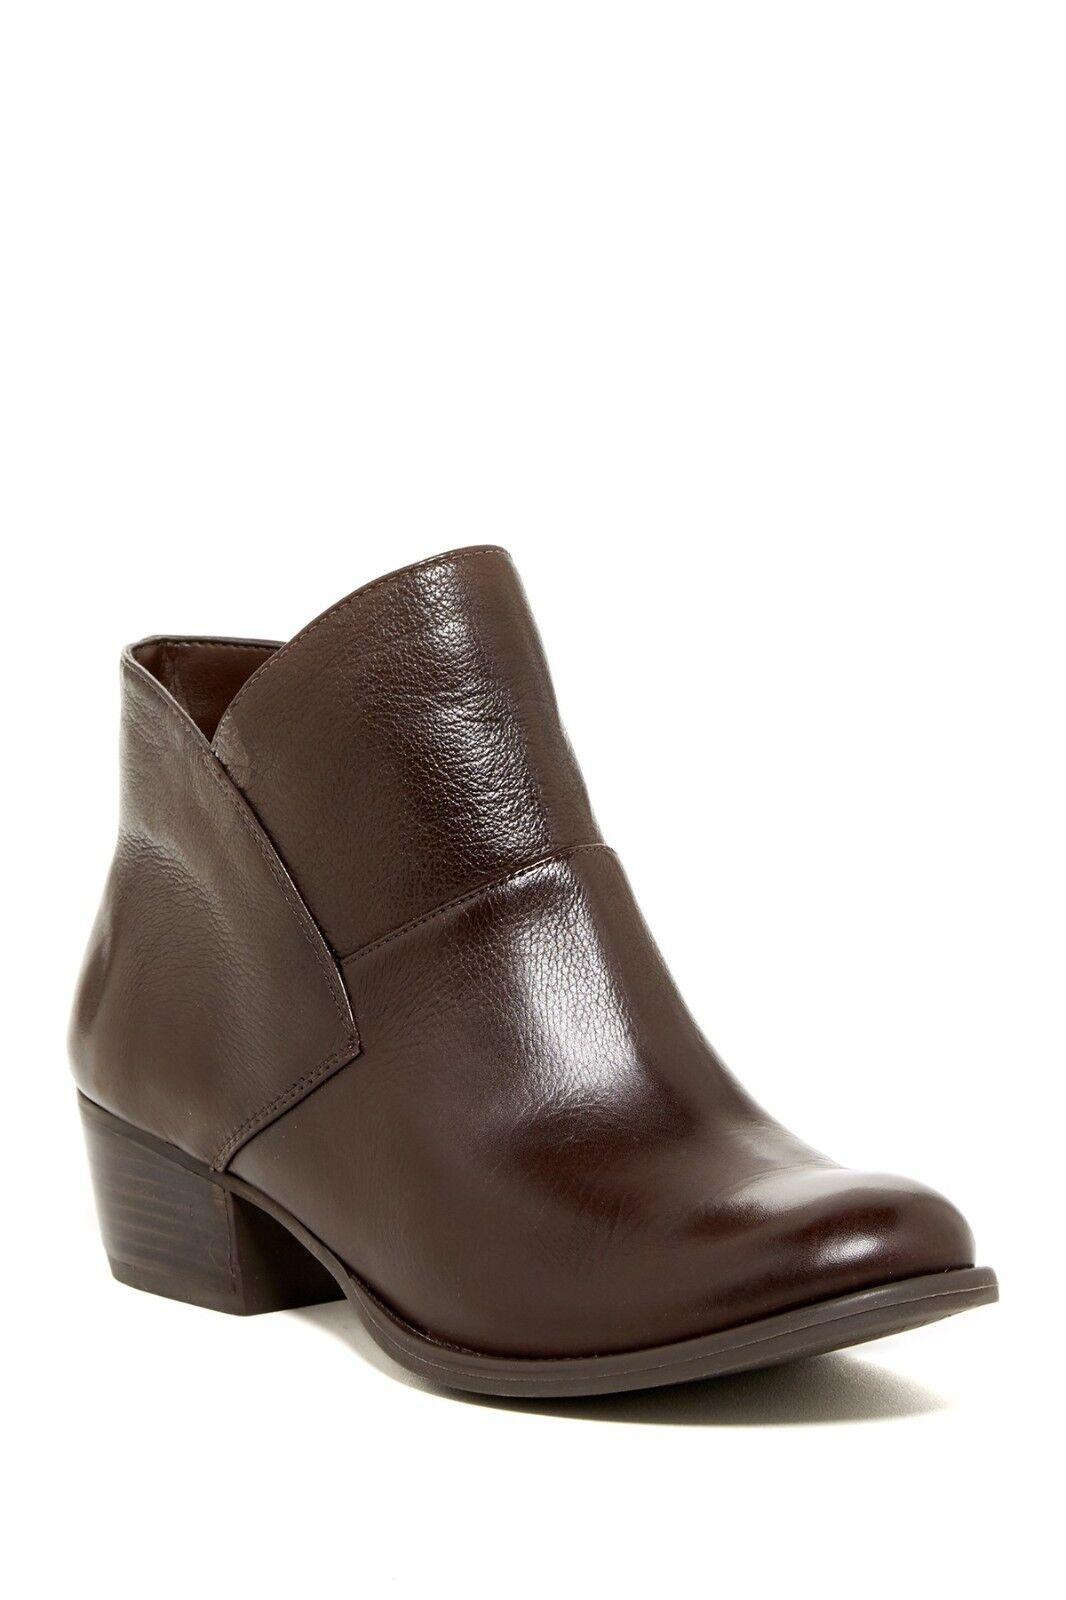 New  Jessica Simpson Darbey Bootie boots Größe 7.5